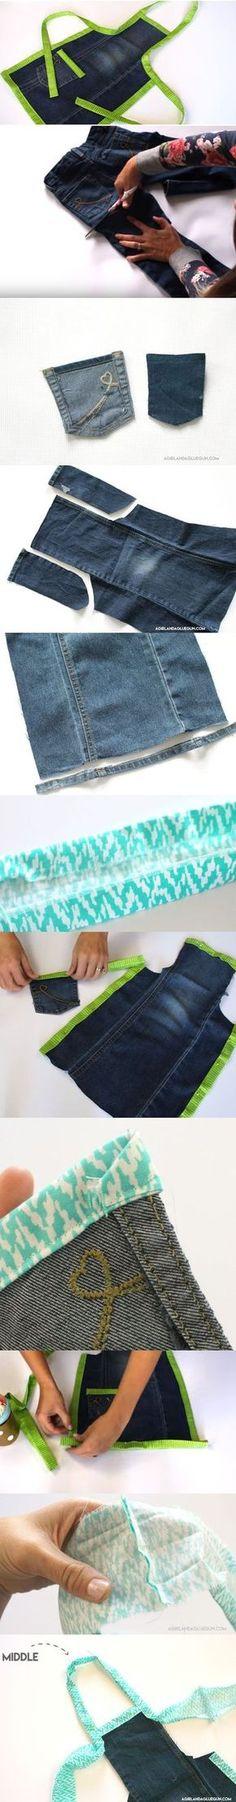 Descubra Como Fazer um Avental de Calça Jeans